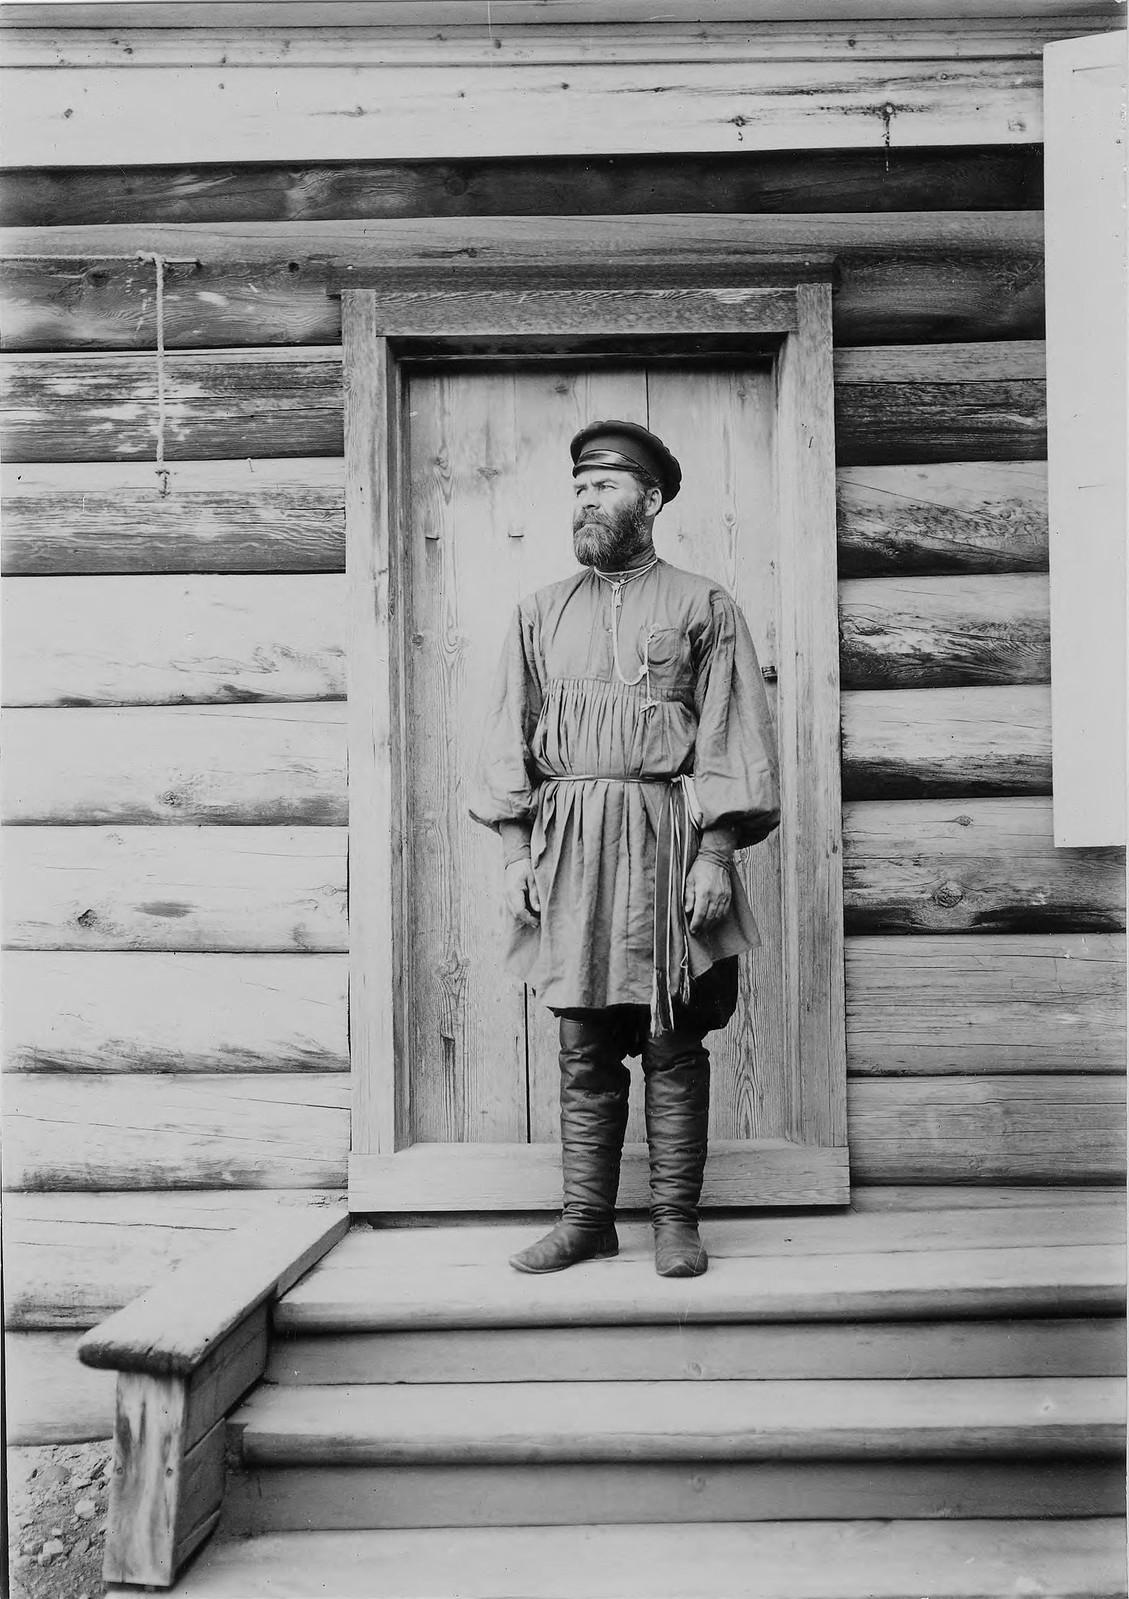 18. Портрет неизвестного мужчины на крыльце деревянного дома